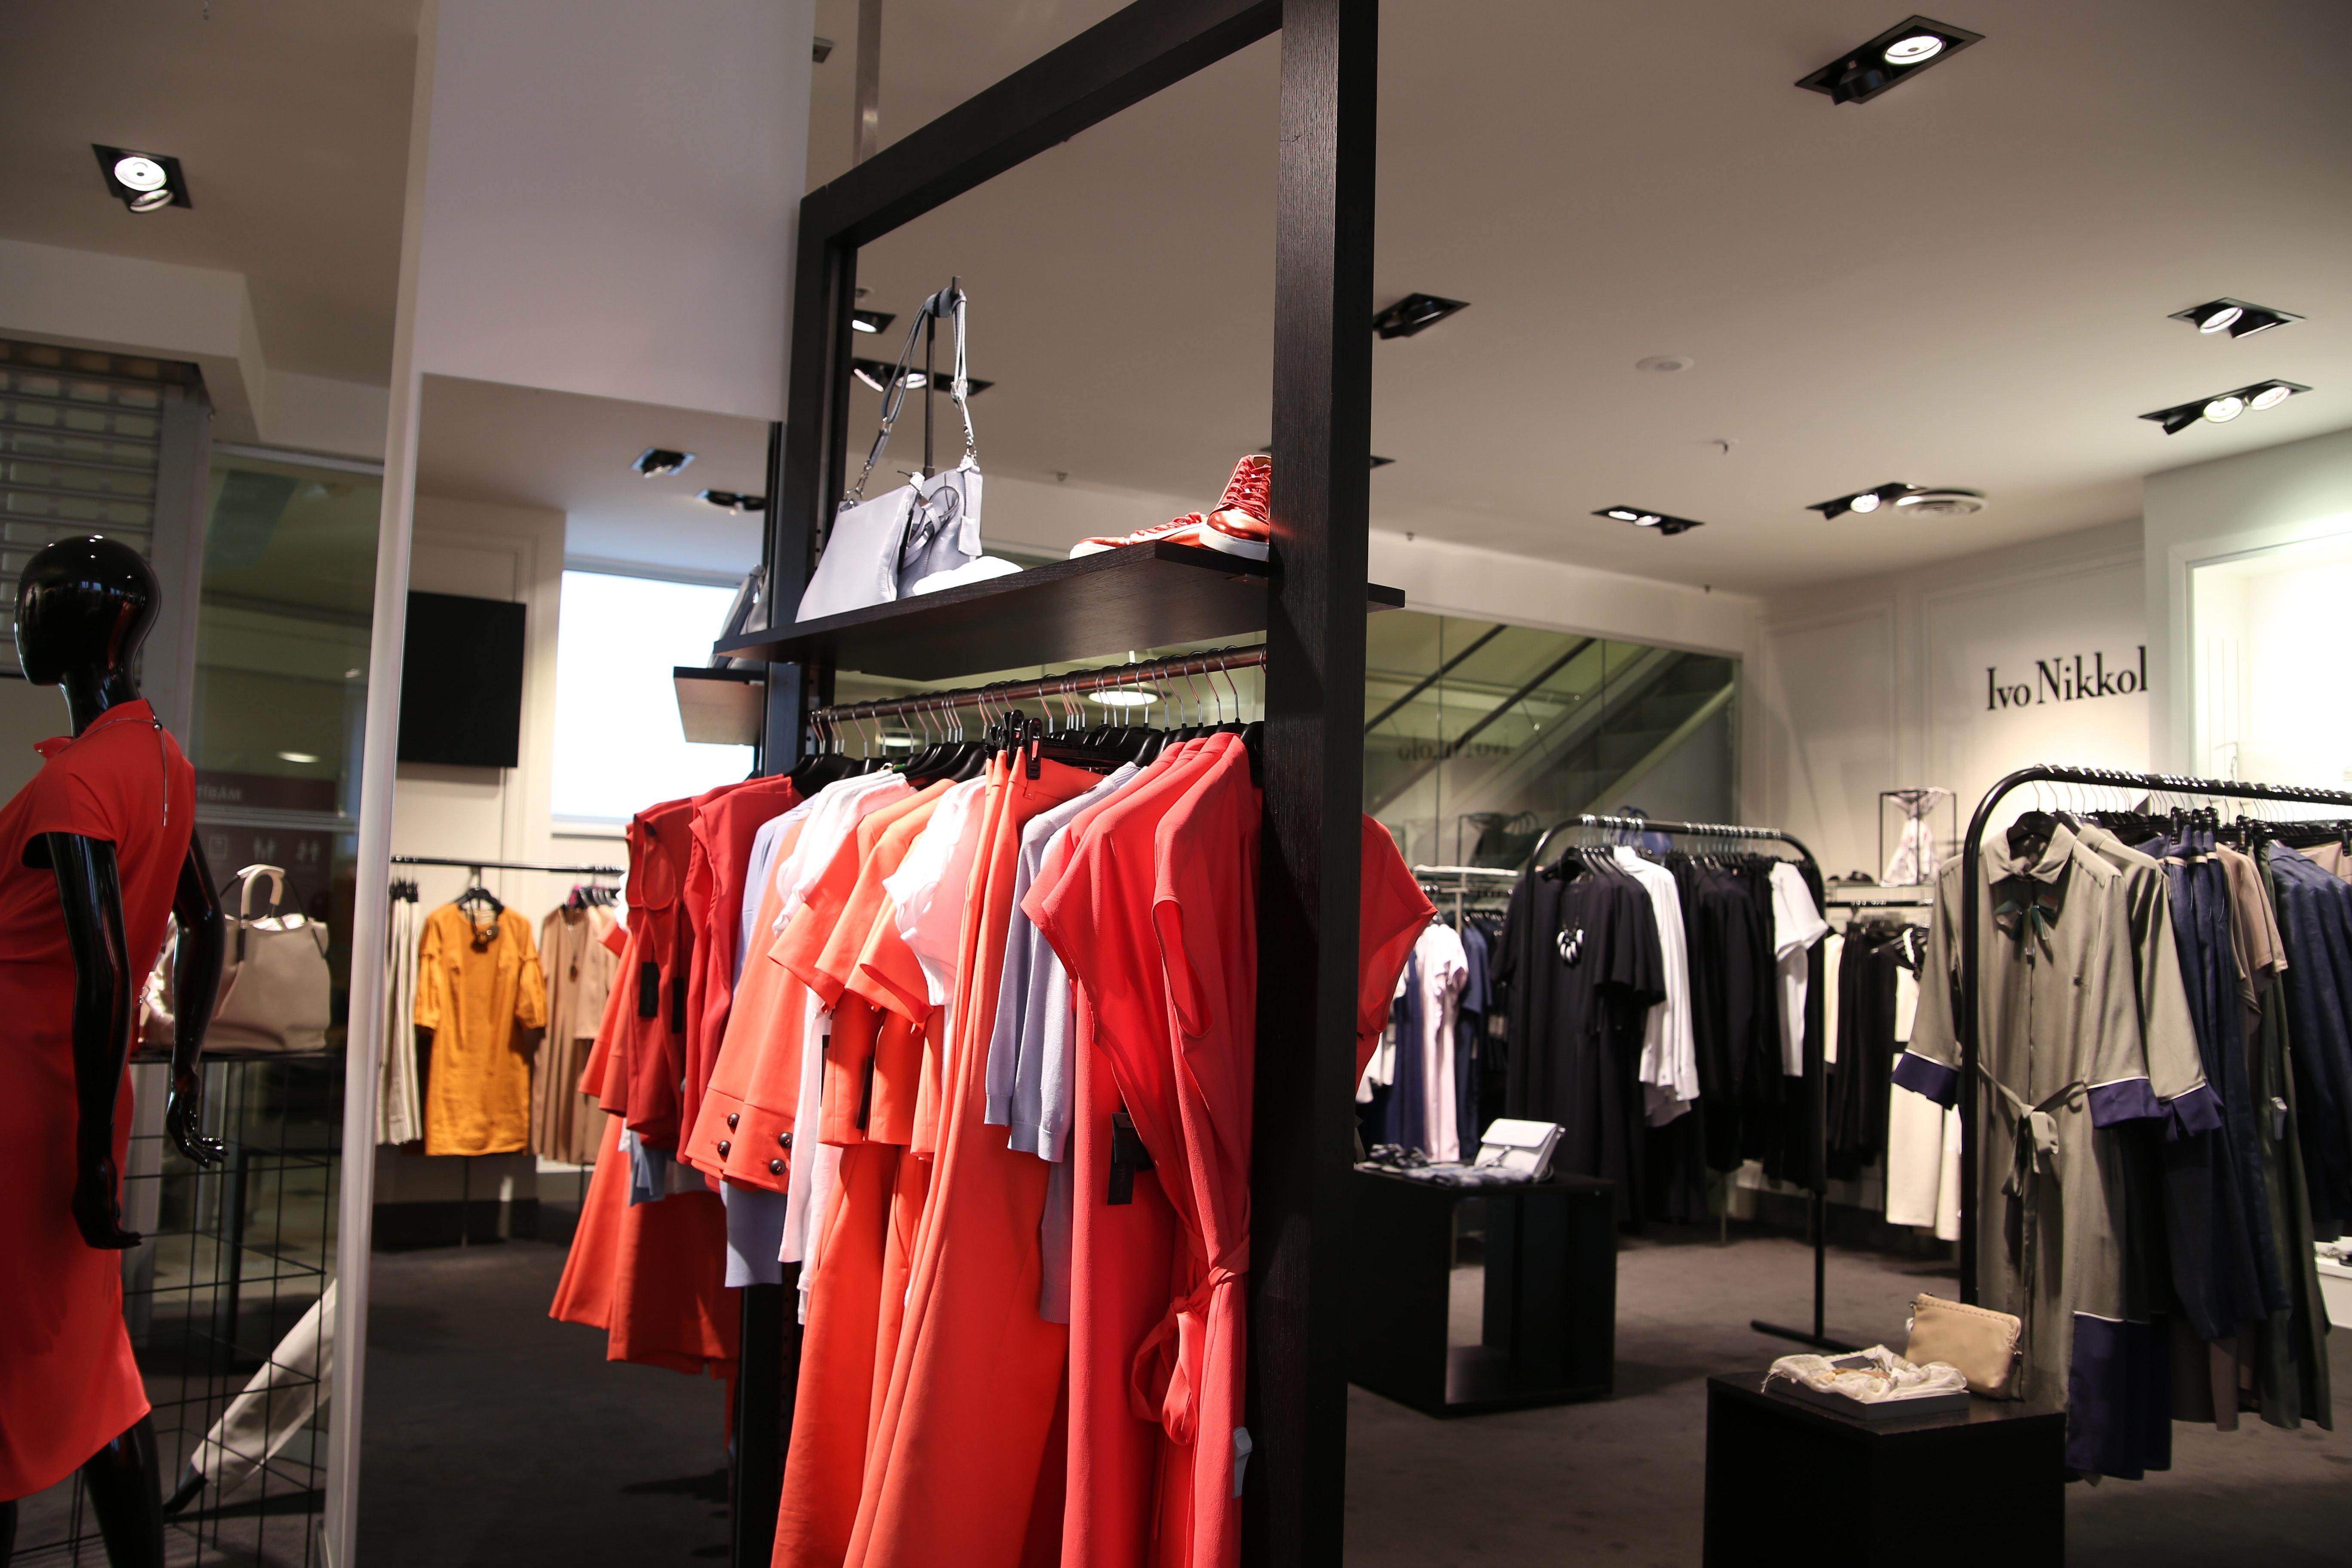 c7cf8d185 4k wallpaper boutique business clothes clothes hanger clothing dress fashion  hd wallpaper mall mannequin merchandise shop